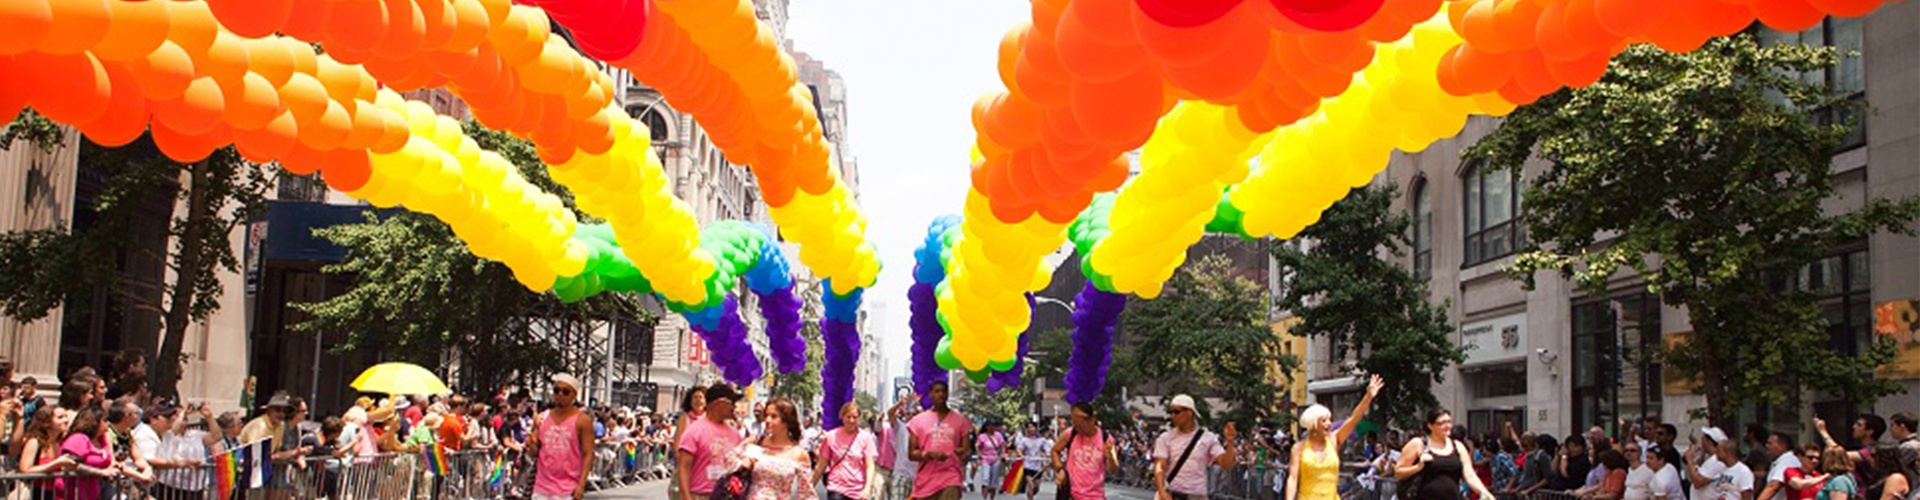 Top 5: Pride Events